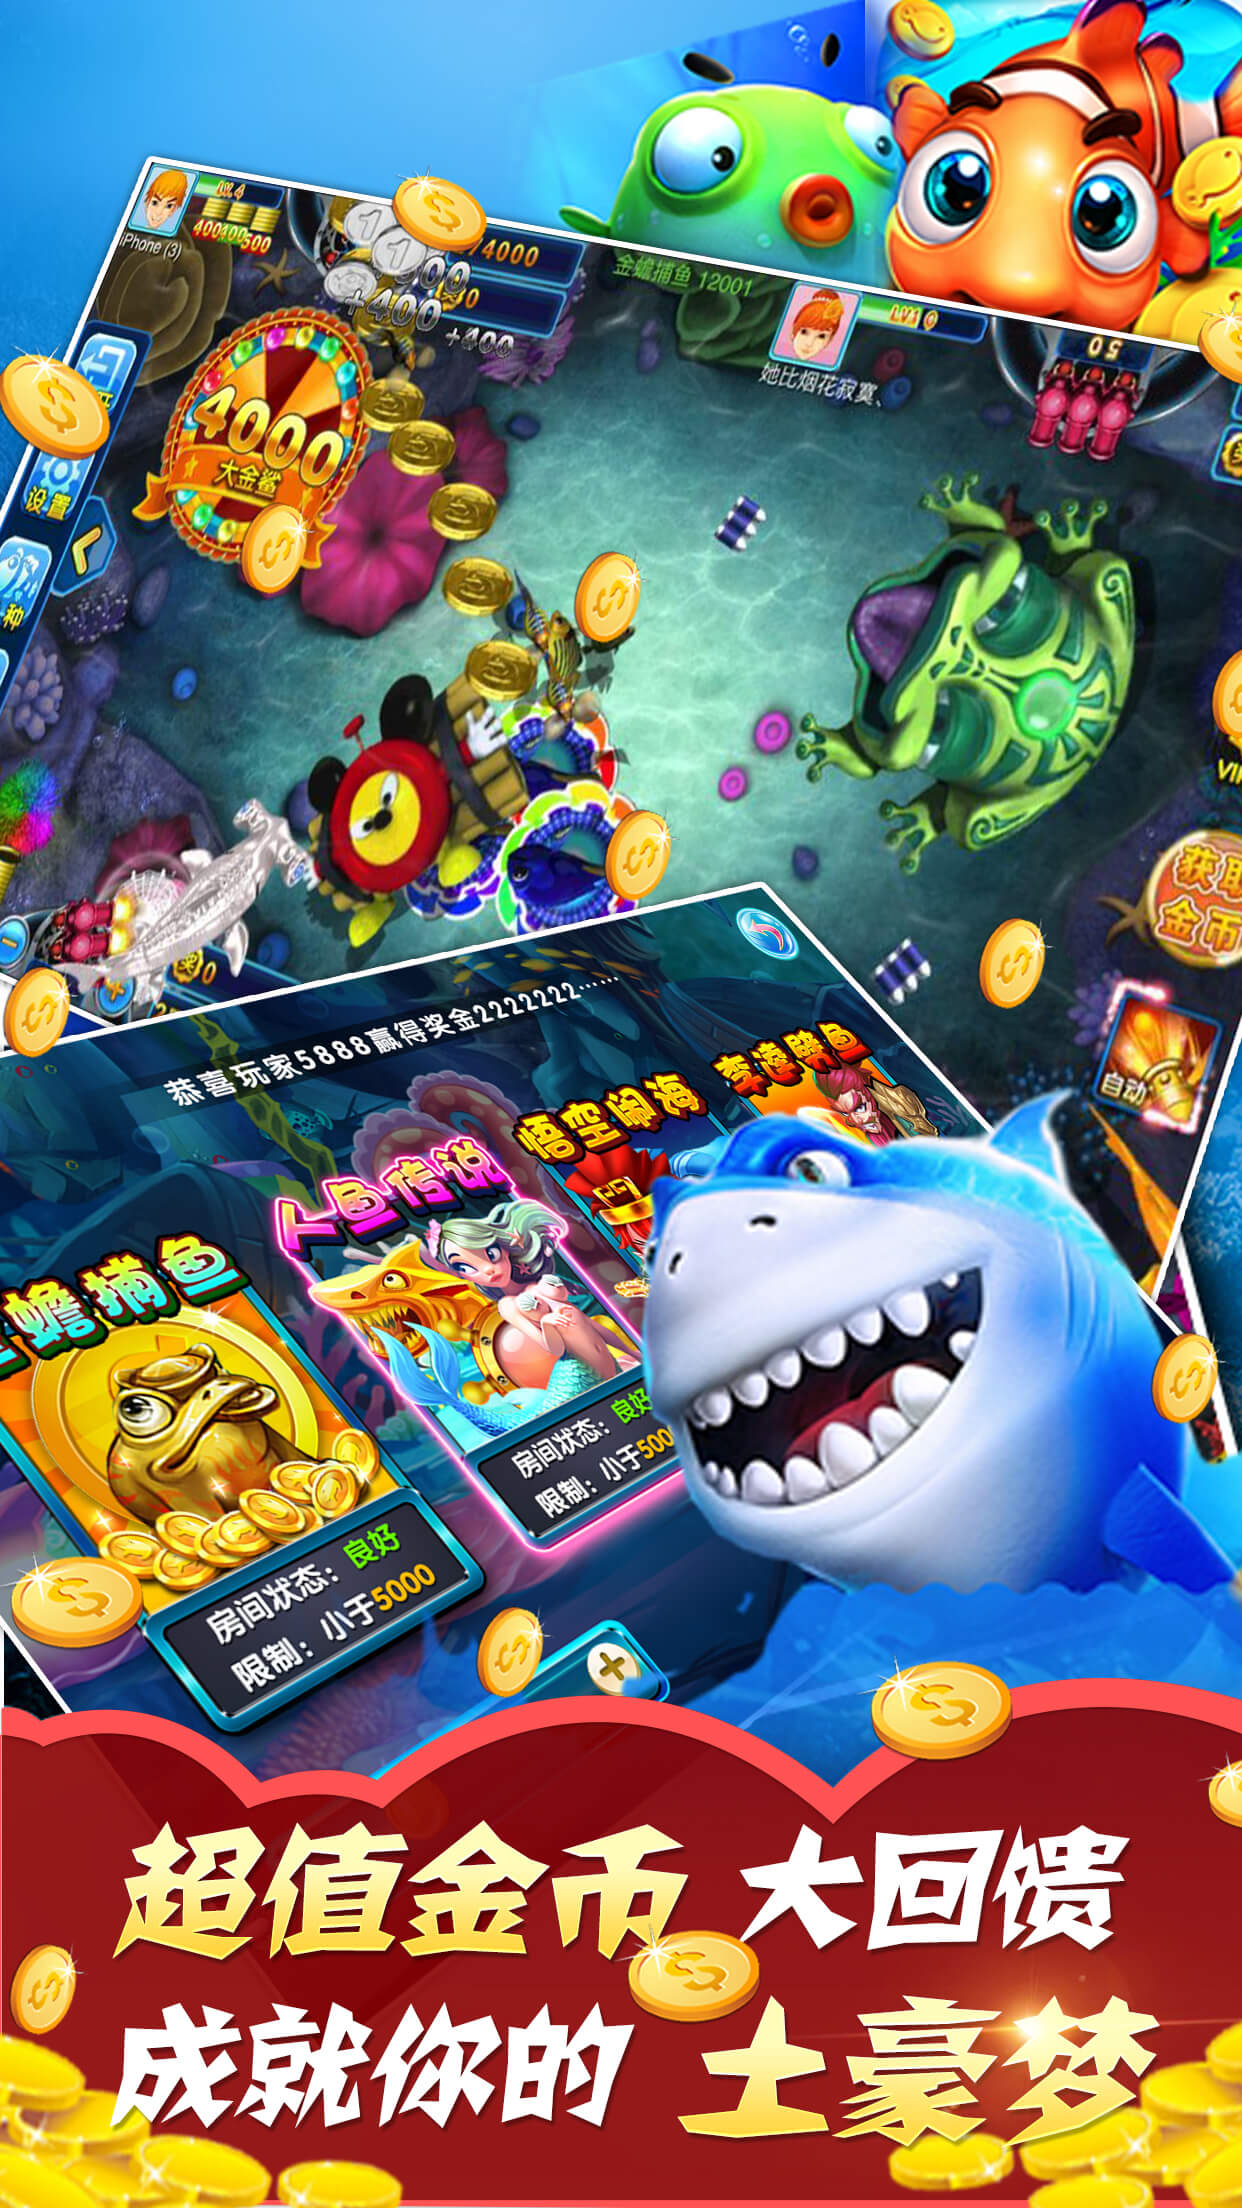 金鲨银鲨软件截图4